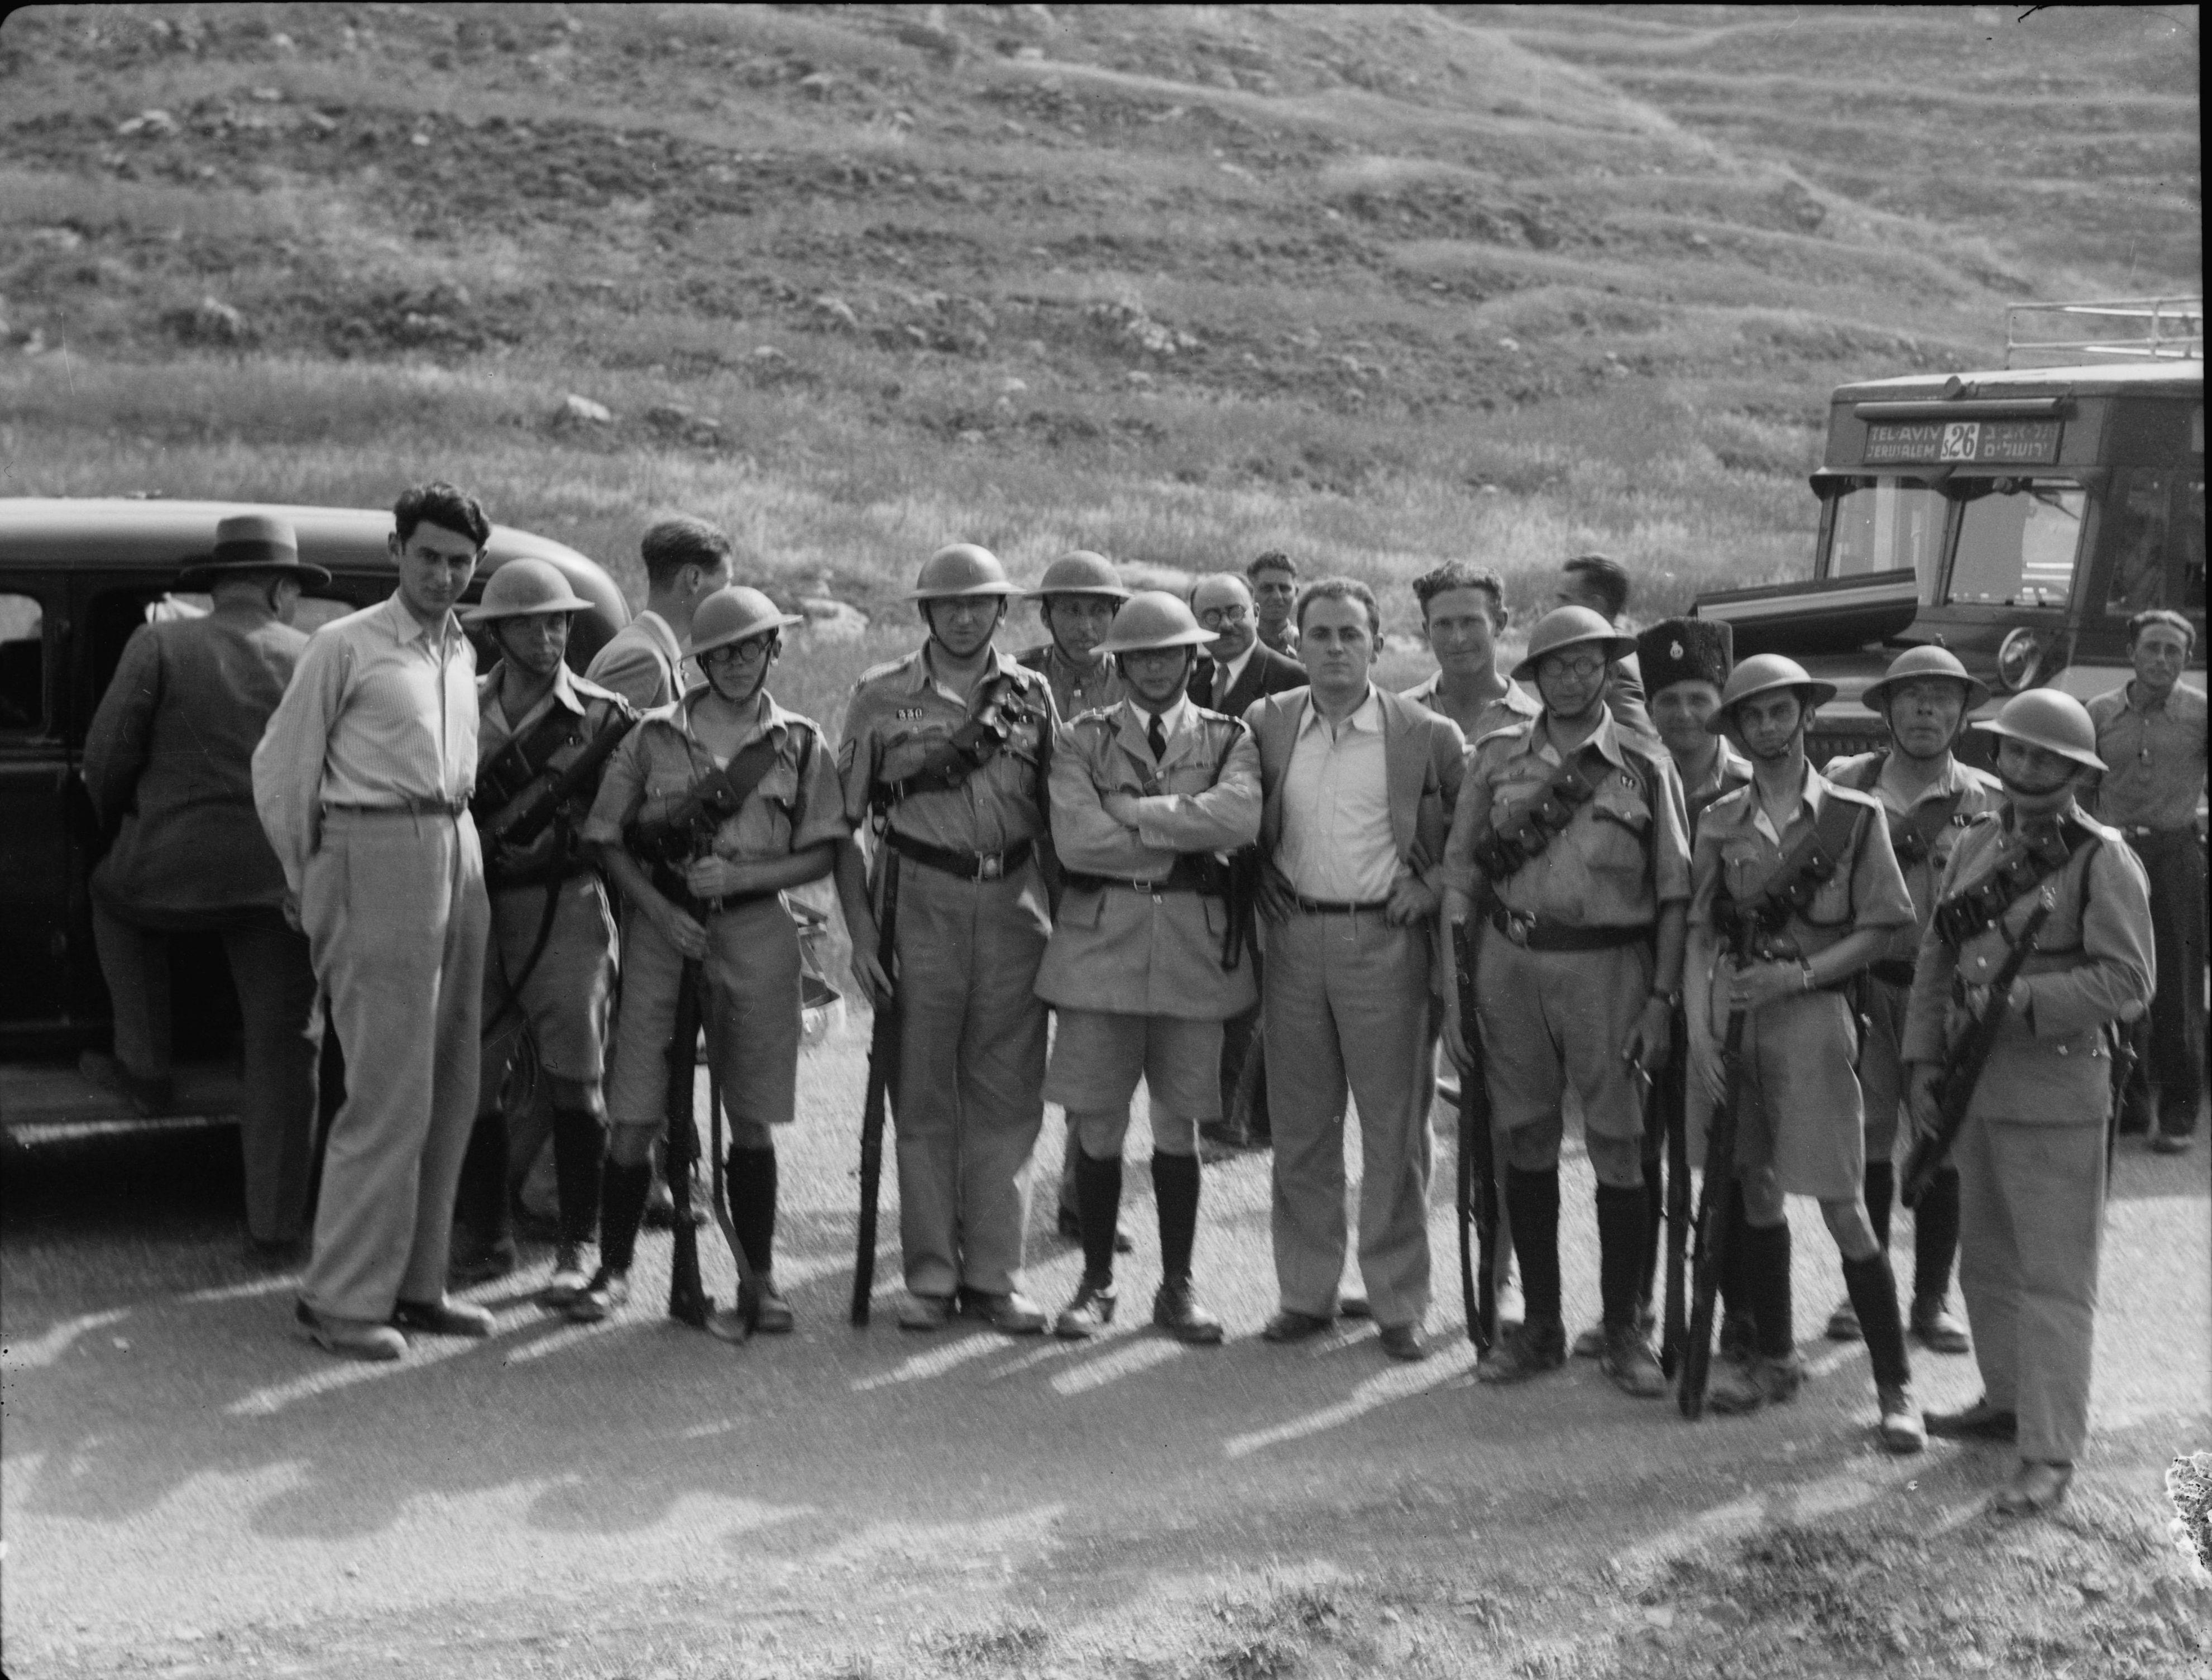 1936. Группа Палестинской сверхштатной полиции с конвоем по дороге Яффо-Иерусалим